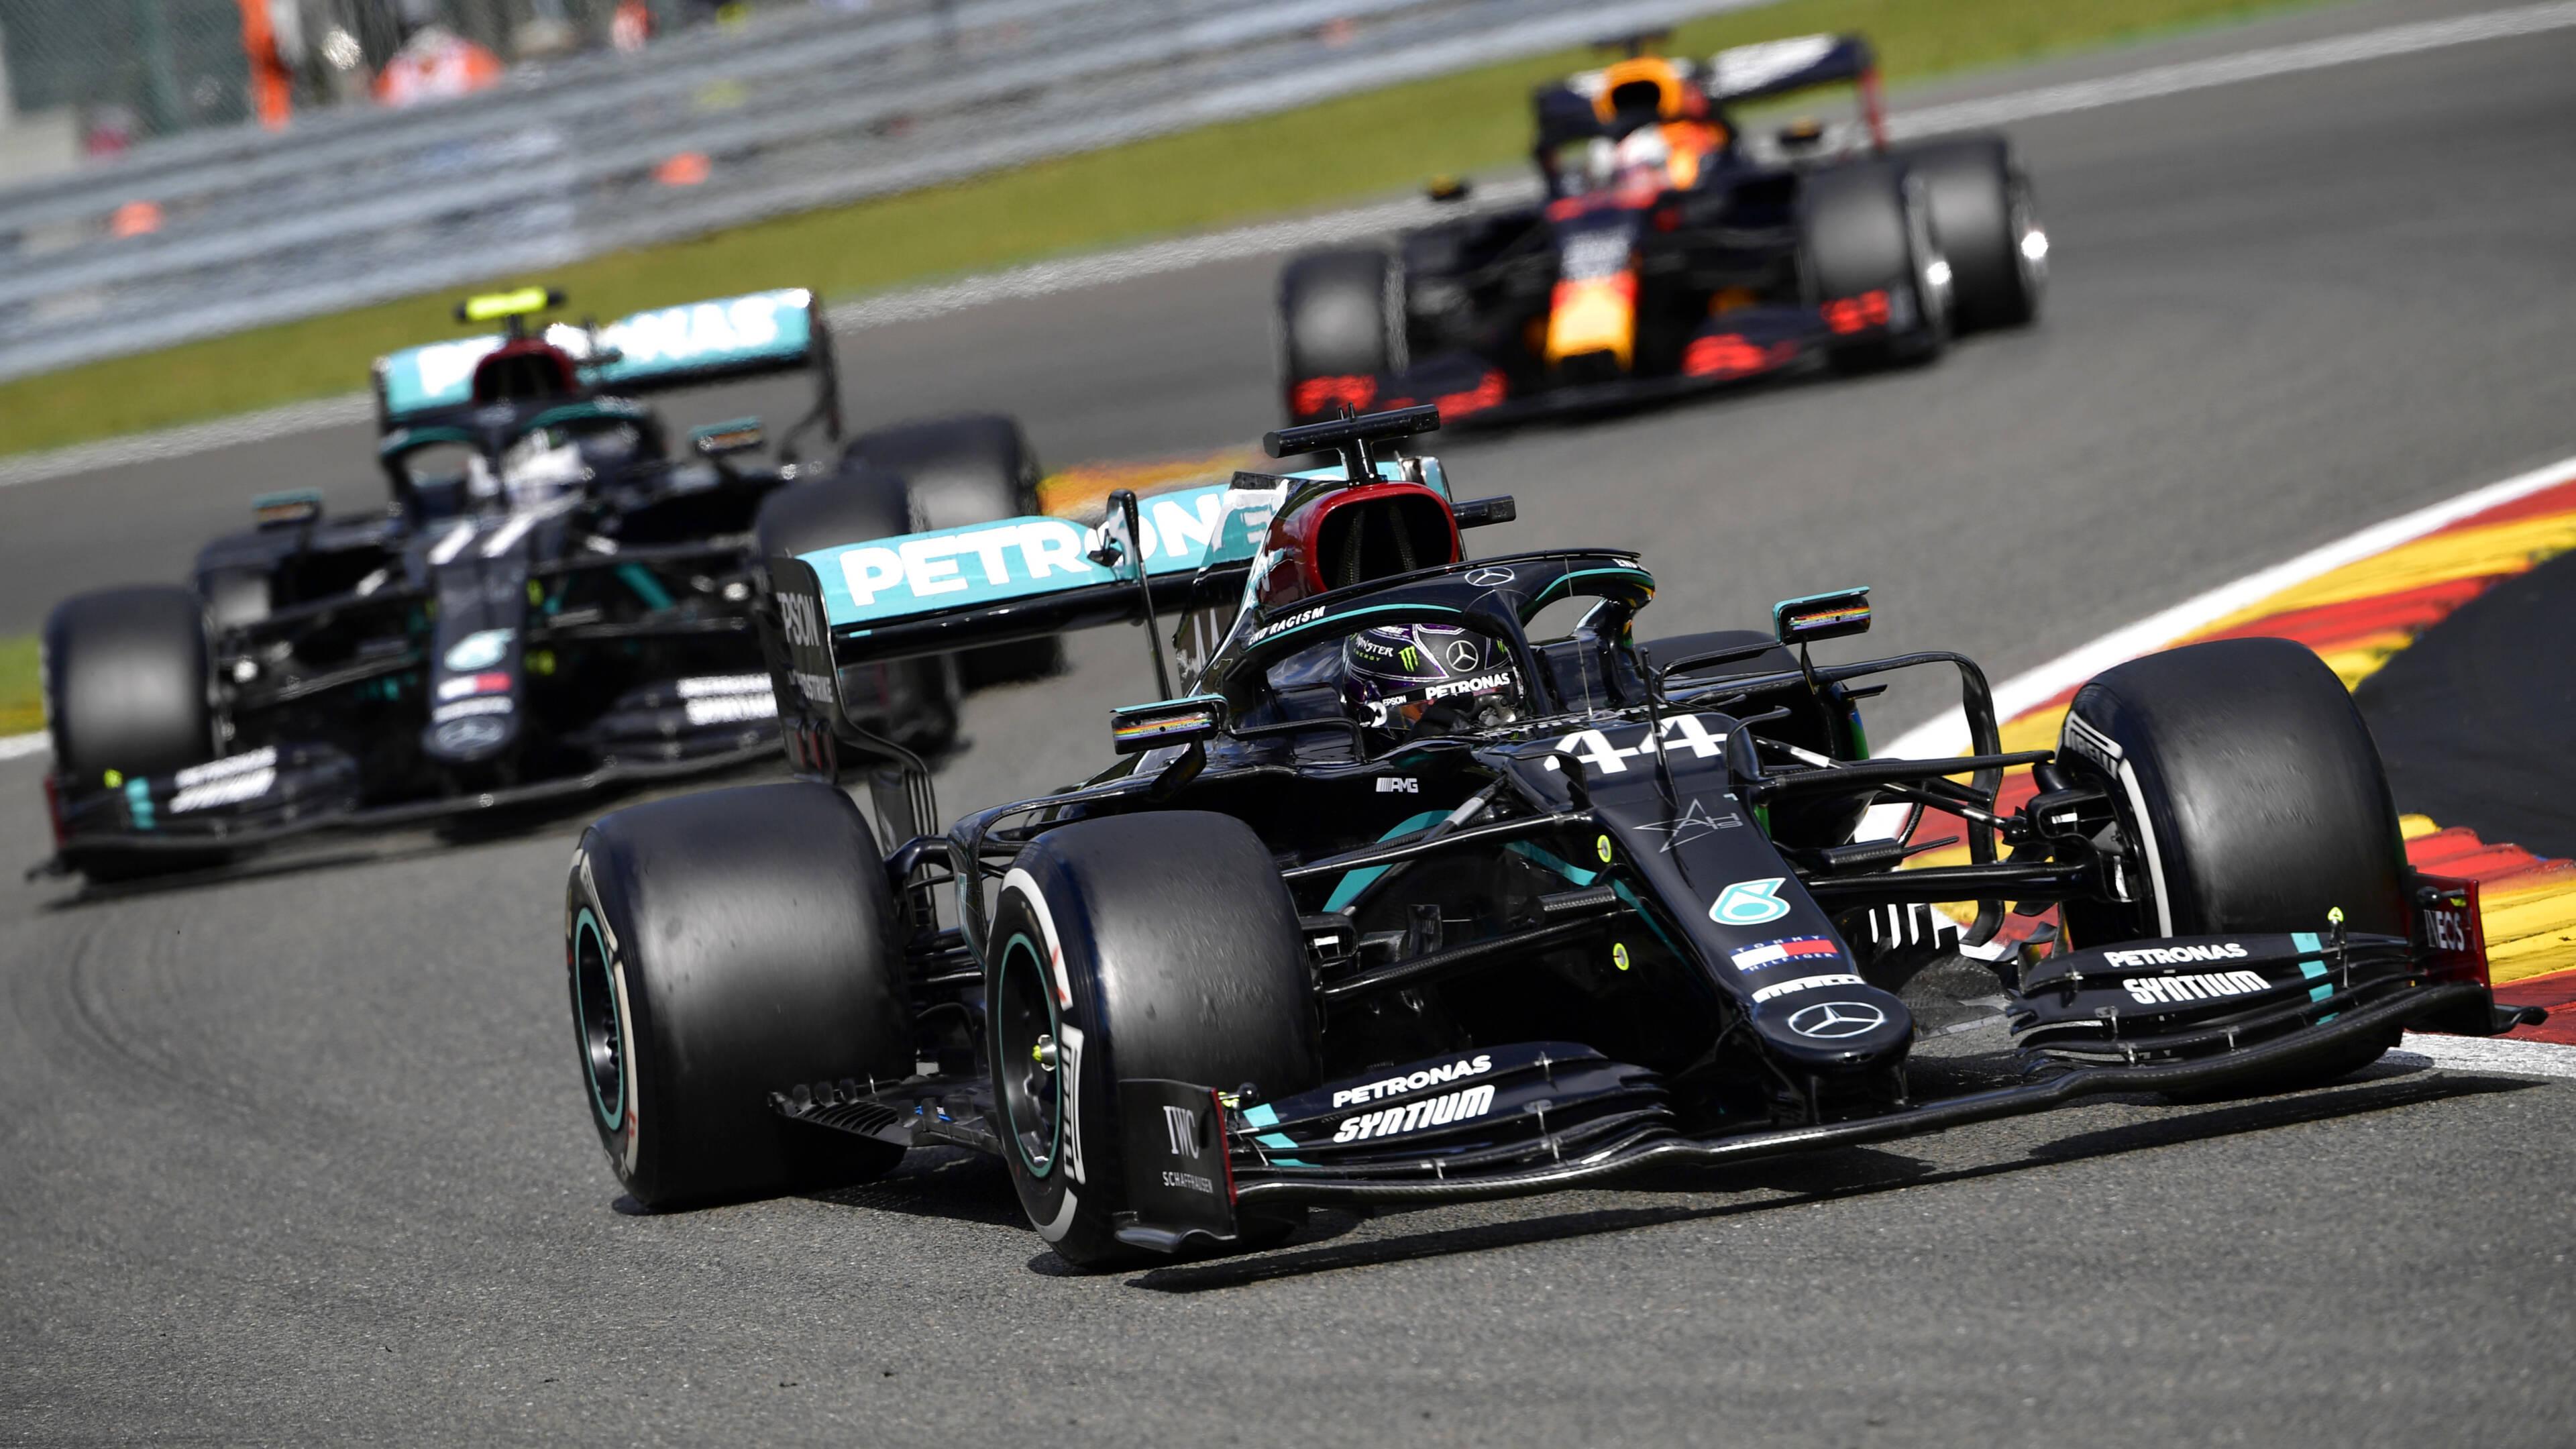 F1 2021, calendario da 23 tappe: mancano Imola, Portimao e il